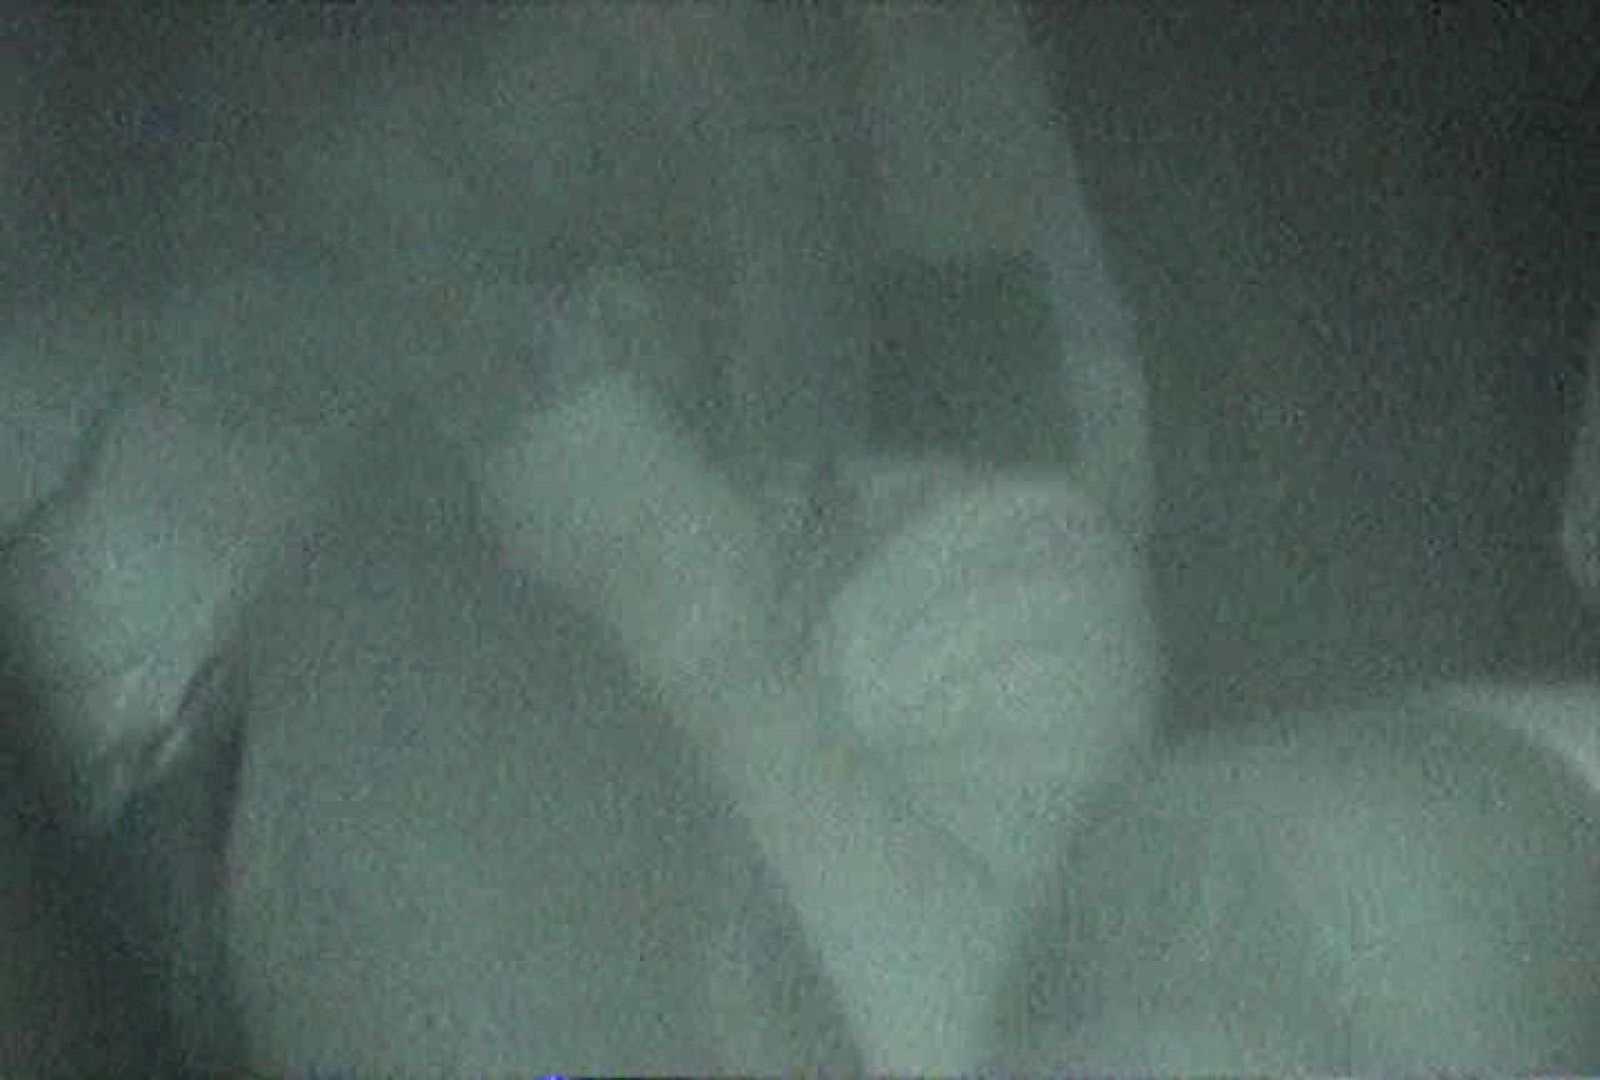 充血監督の深夜の運動会Vol.58 感じるセックス AV無料動画キャプチャ 86連発 79